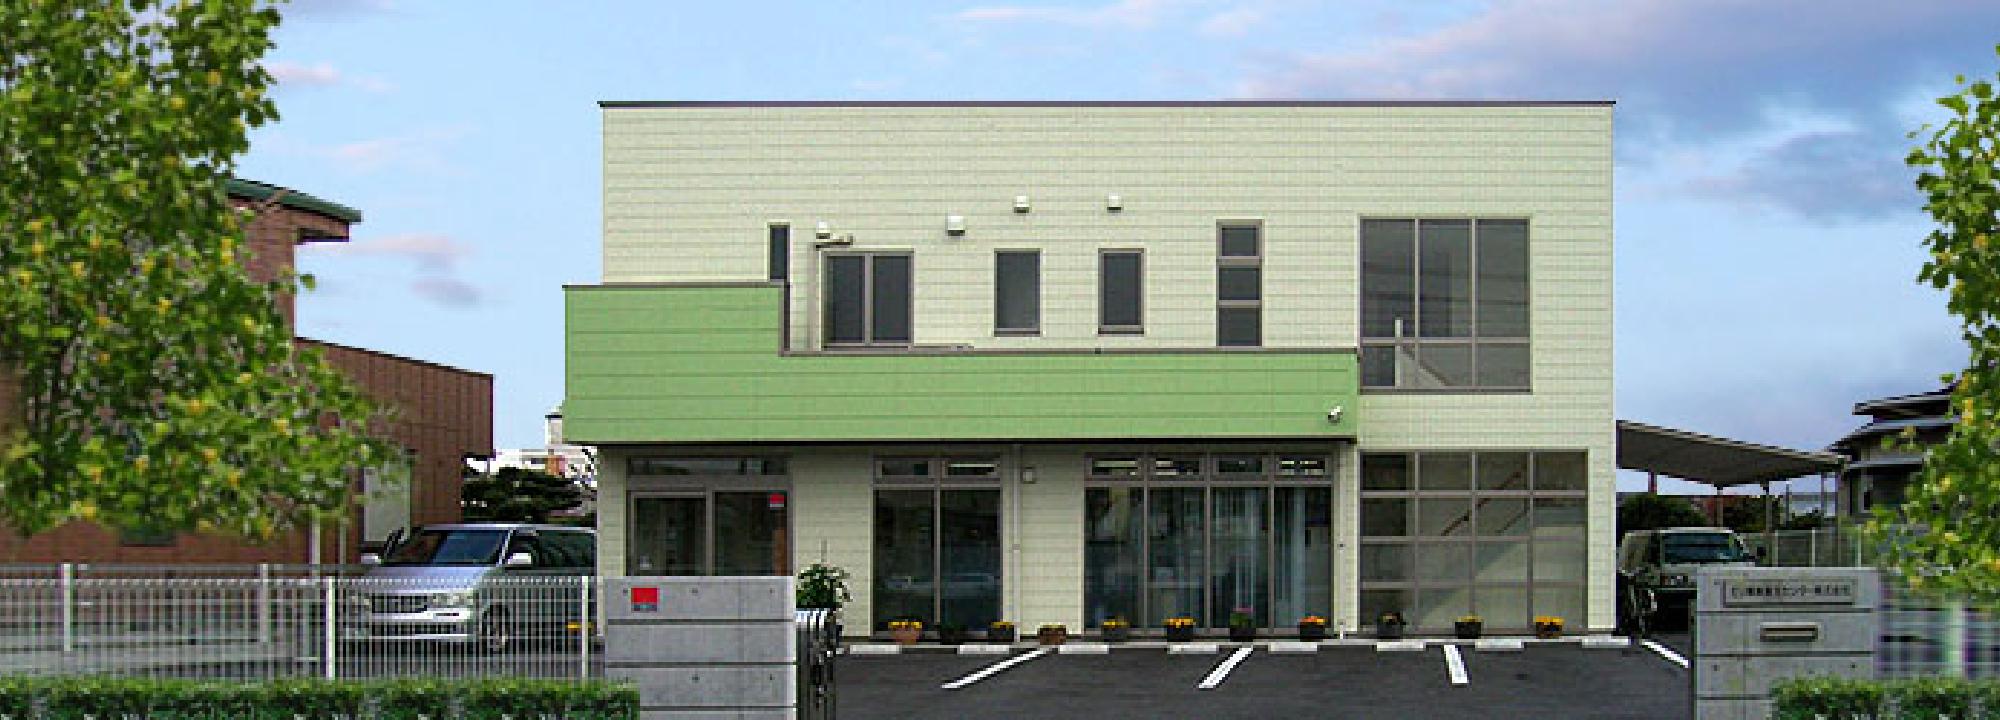 モリ環境衛生センター株式会社の写真